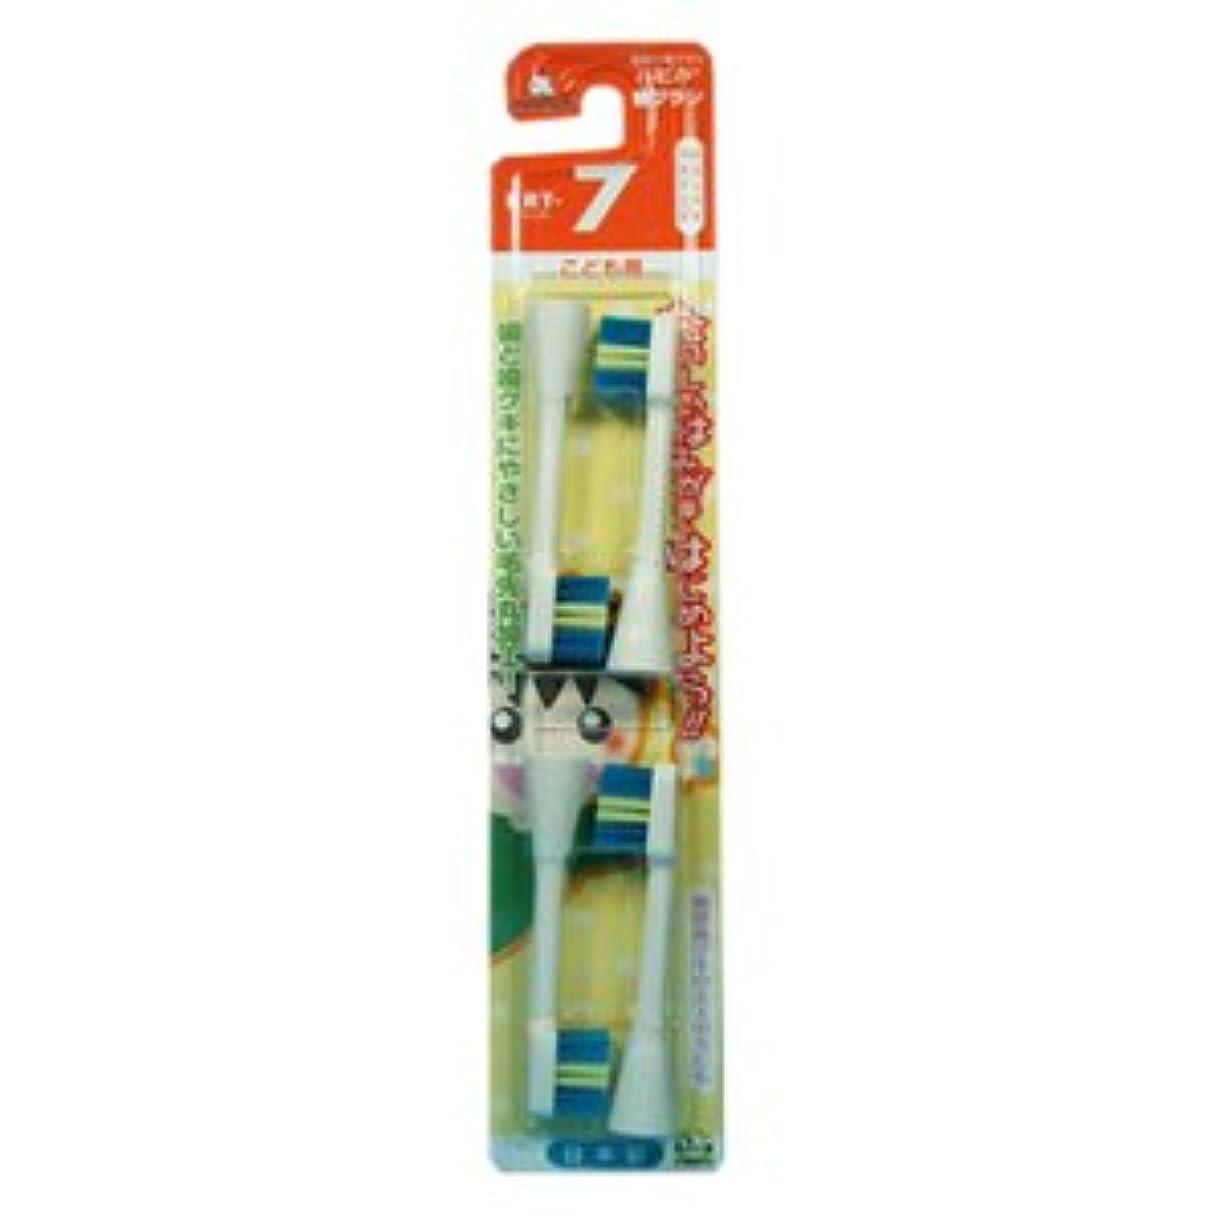 合意ベイビーオーバーランミニマム 電動付歯ブラシ ハピカ 専用替ブラシ こども用 毛の硬さ:やわらかめ BRT-7 4個入